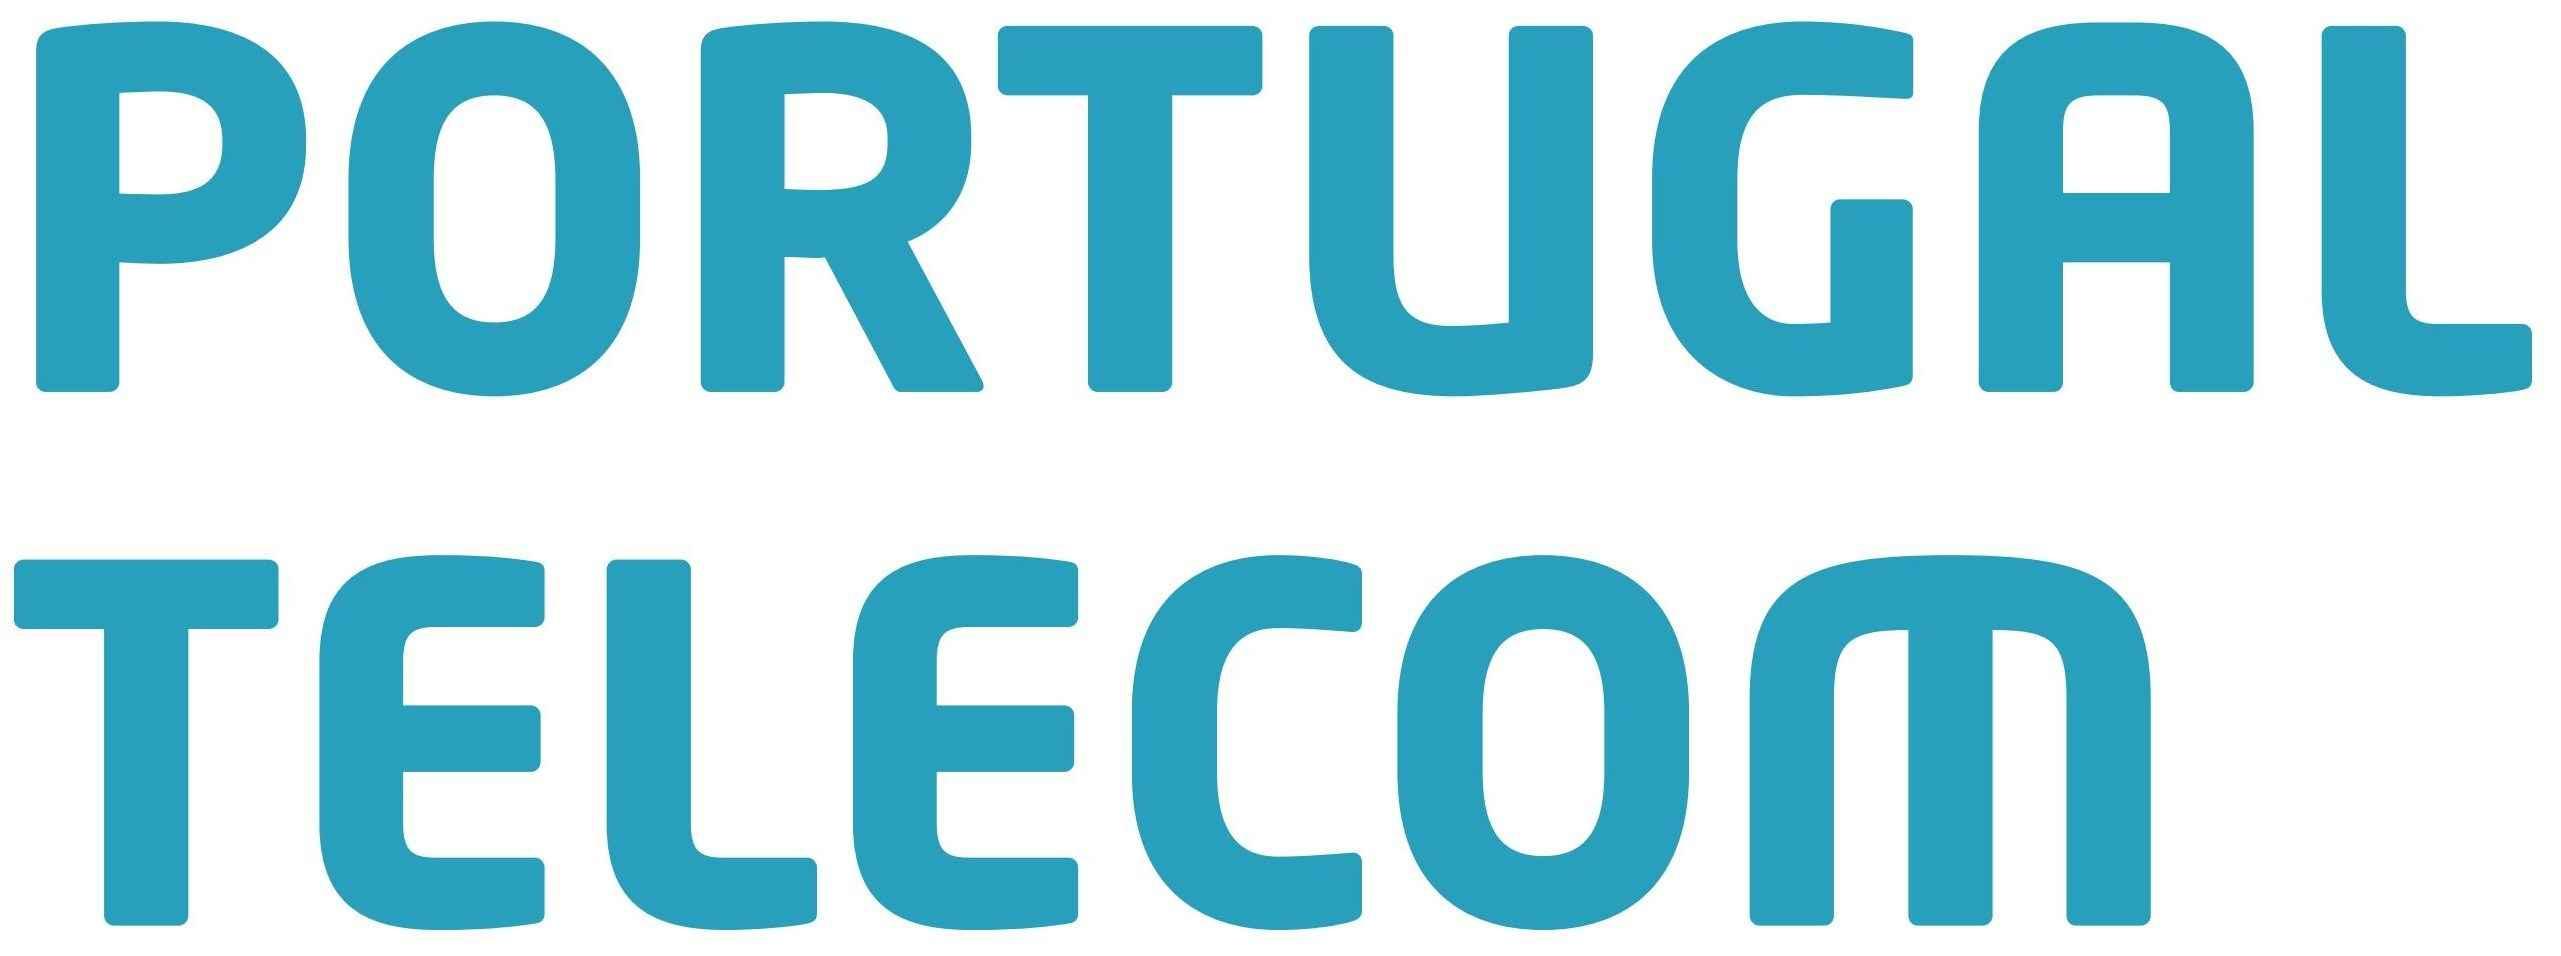 pt_portugal_telecom_logo1